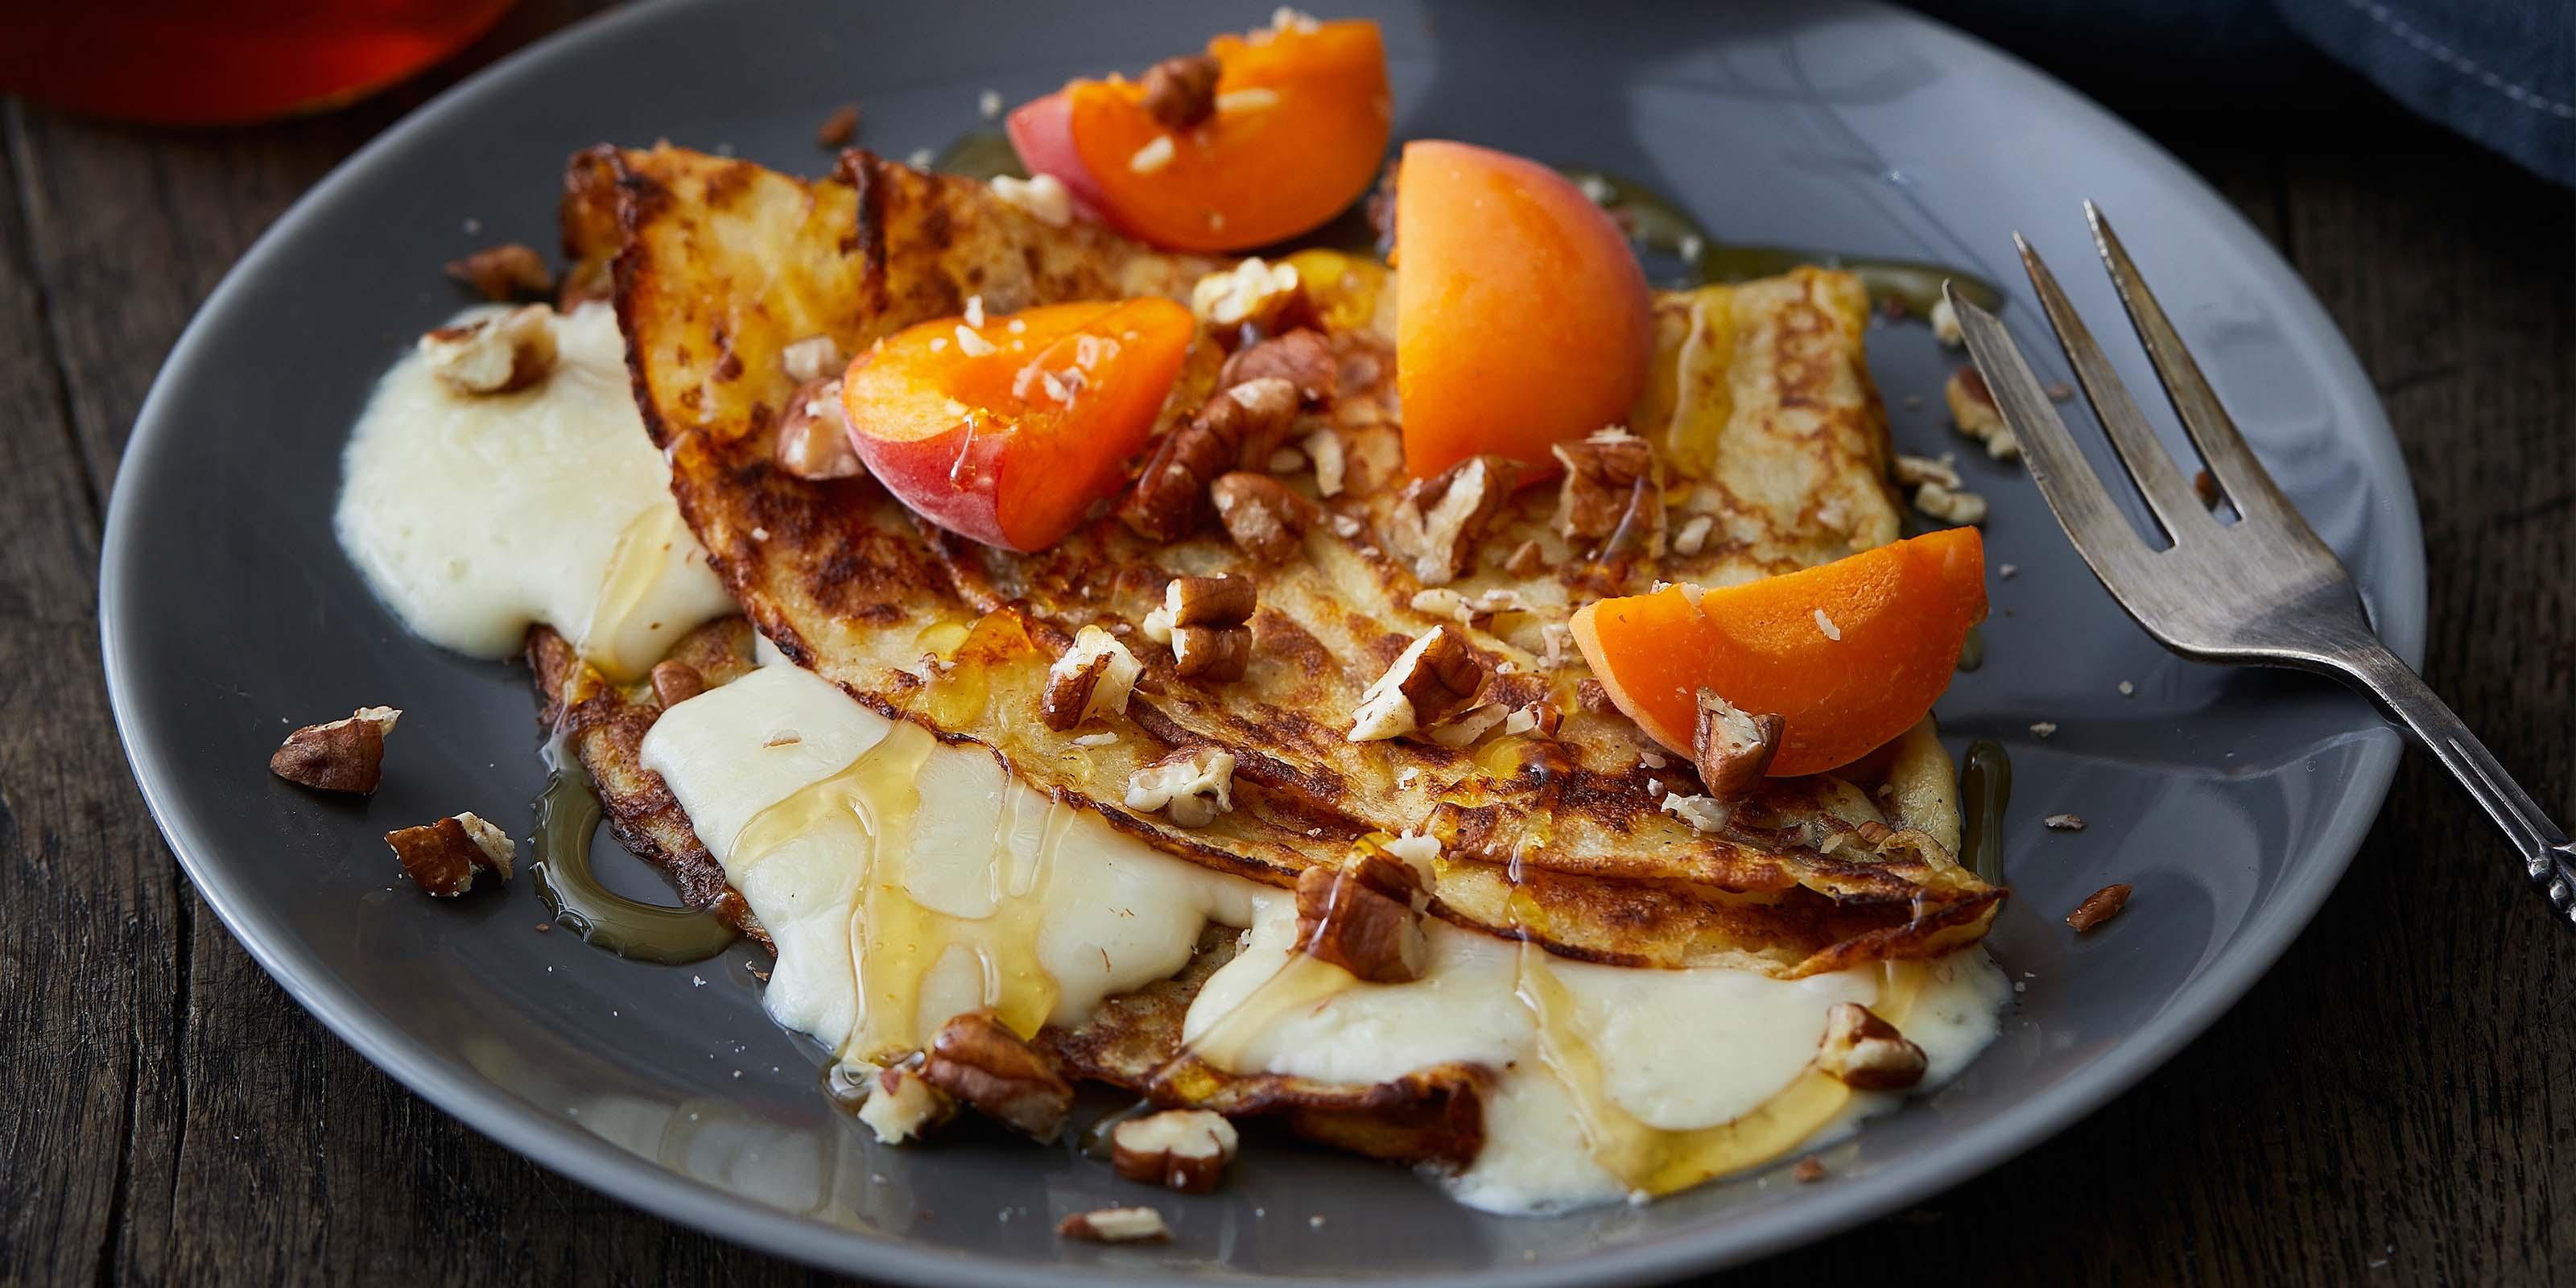 Gefüllte Pfannkuchen mit Chaumes und Honig - immer ein Genuss